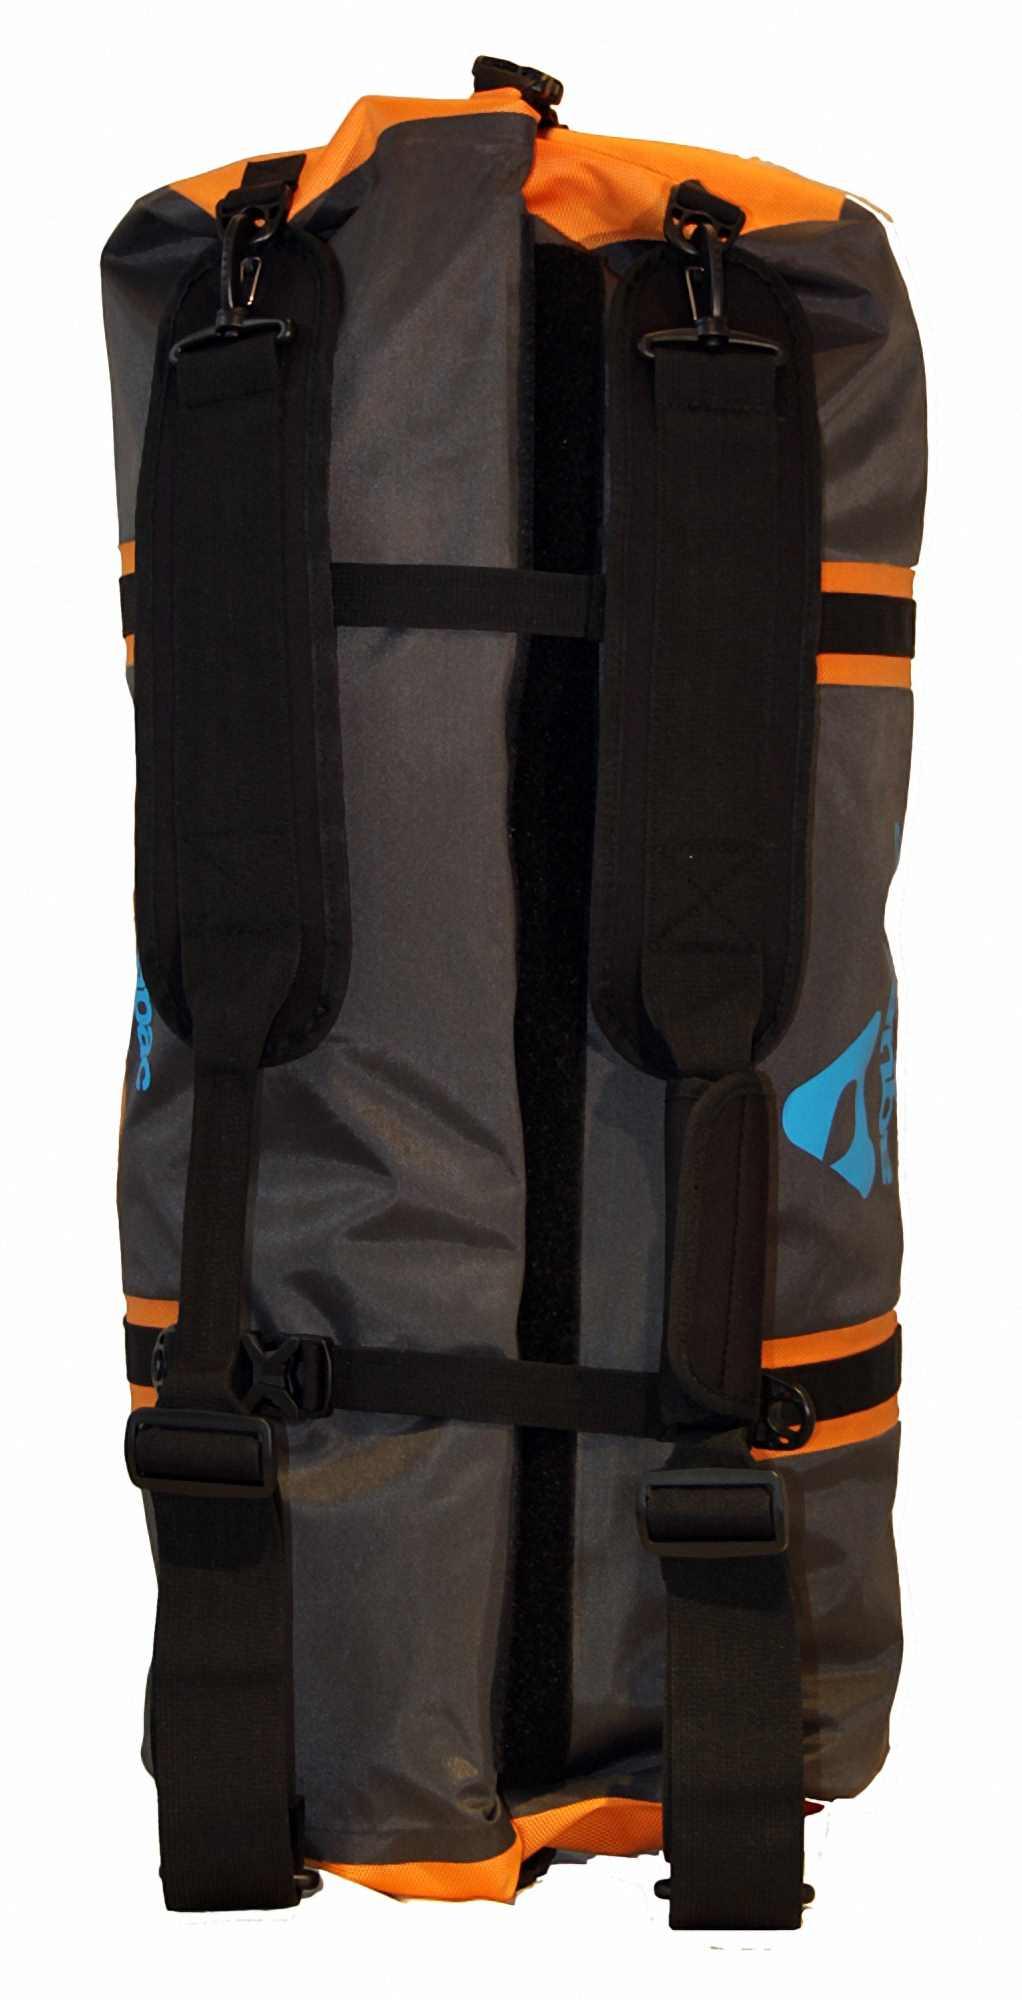 Водонепроницаемая сумка-рюкзак Aquapac 703 - Upano Waterproof Duffel - 70L.. Aquapac - №1 в мире водонепроницаемых чехлов и сумок. Фото 8